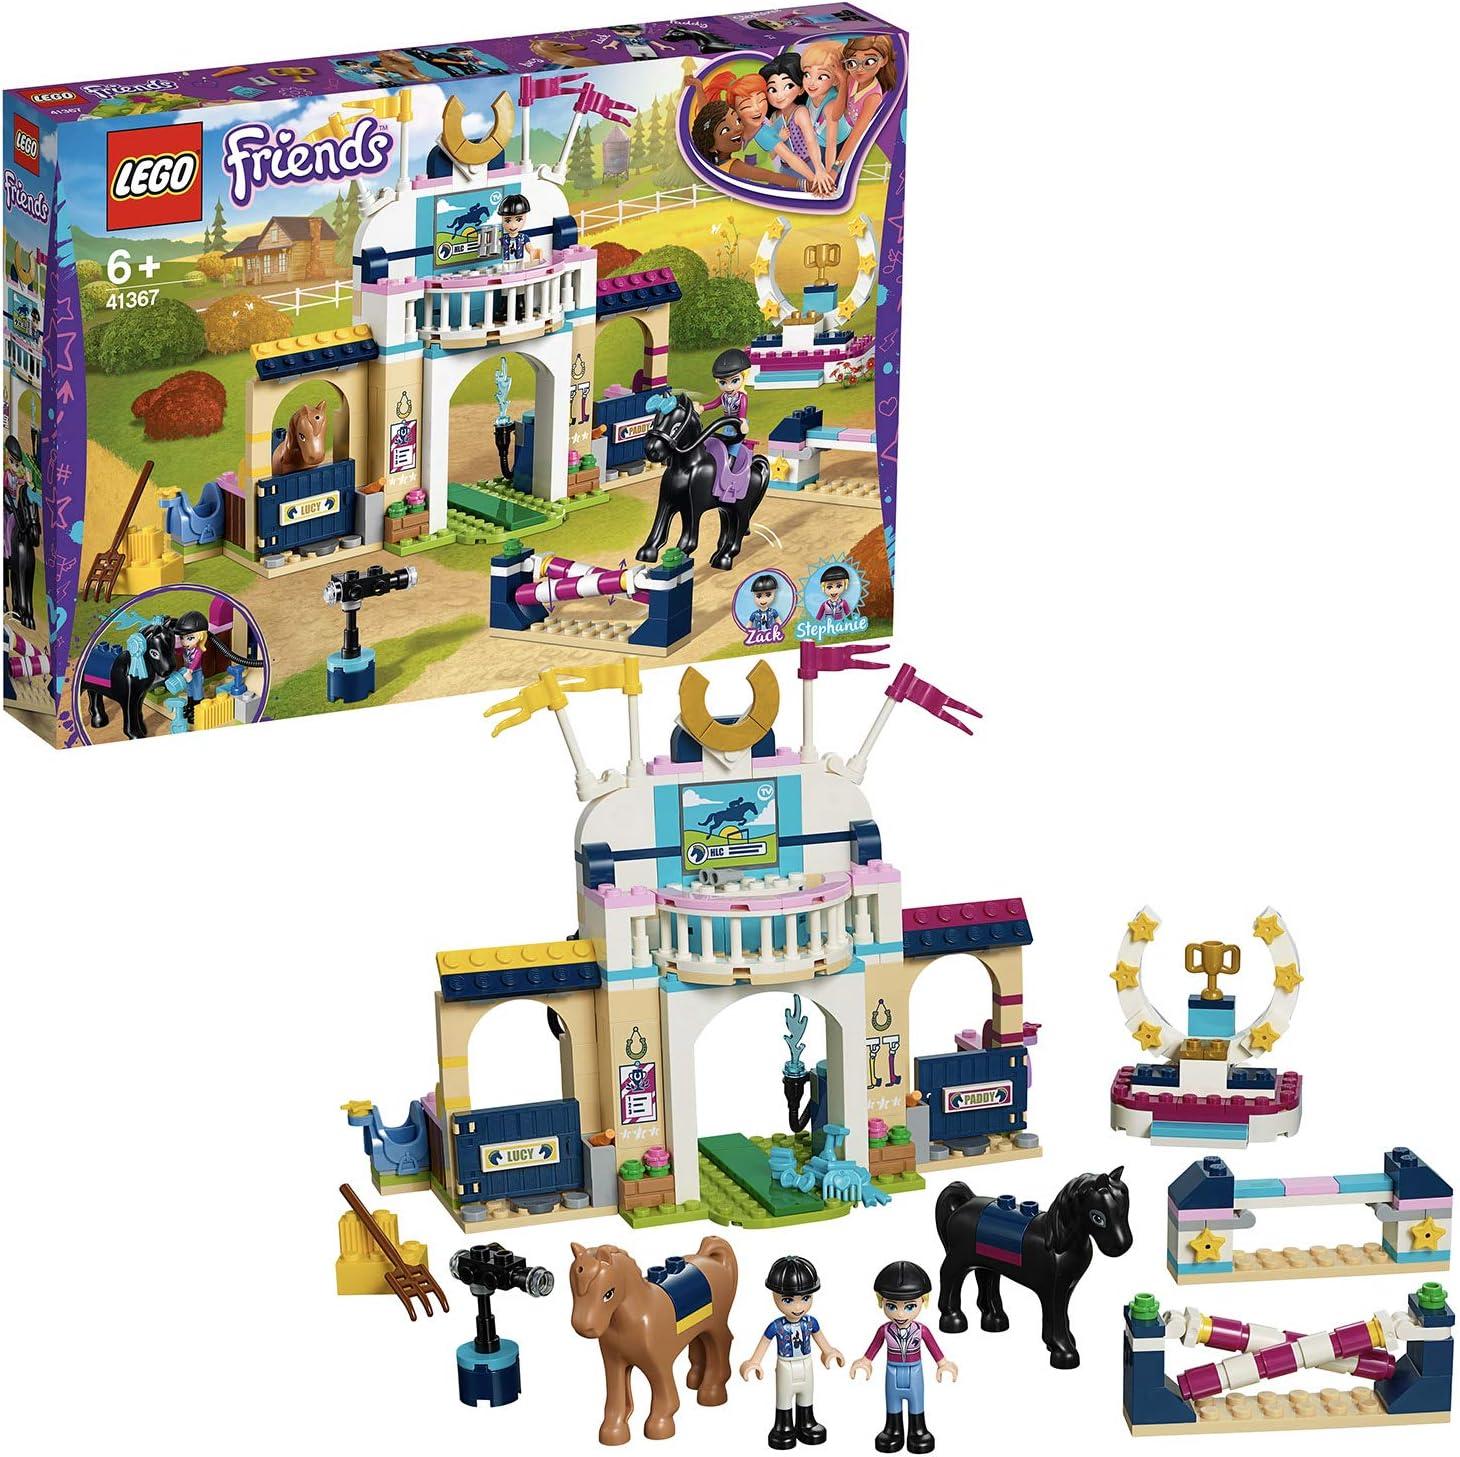 LEGO Friends - Concurso de Saltos de Stephanie, juguete creativo de torneo de caballos (41367)